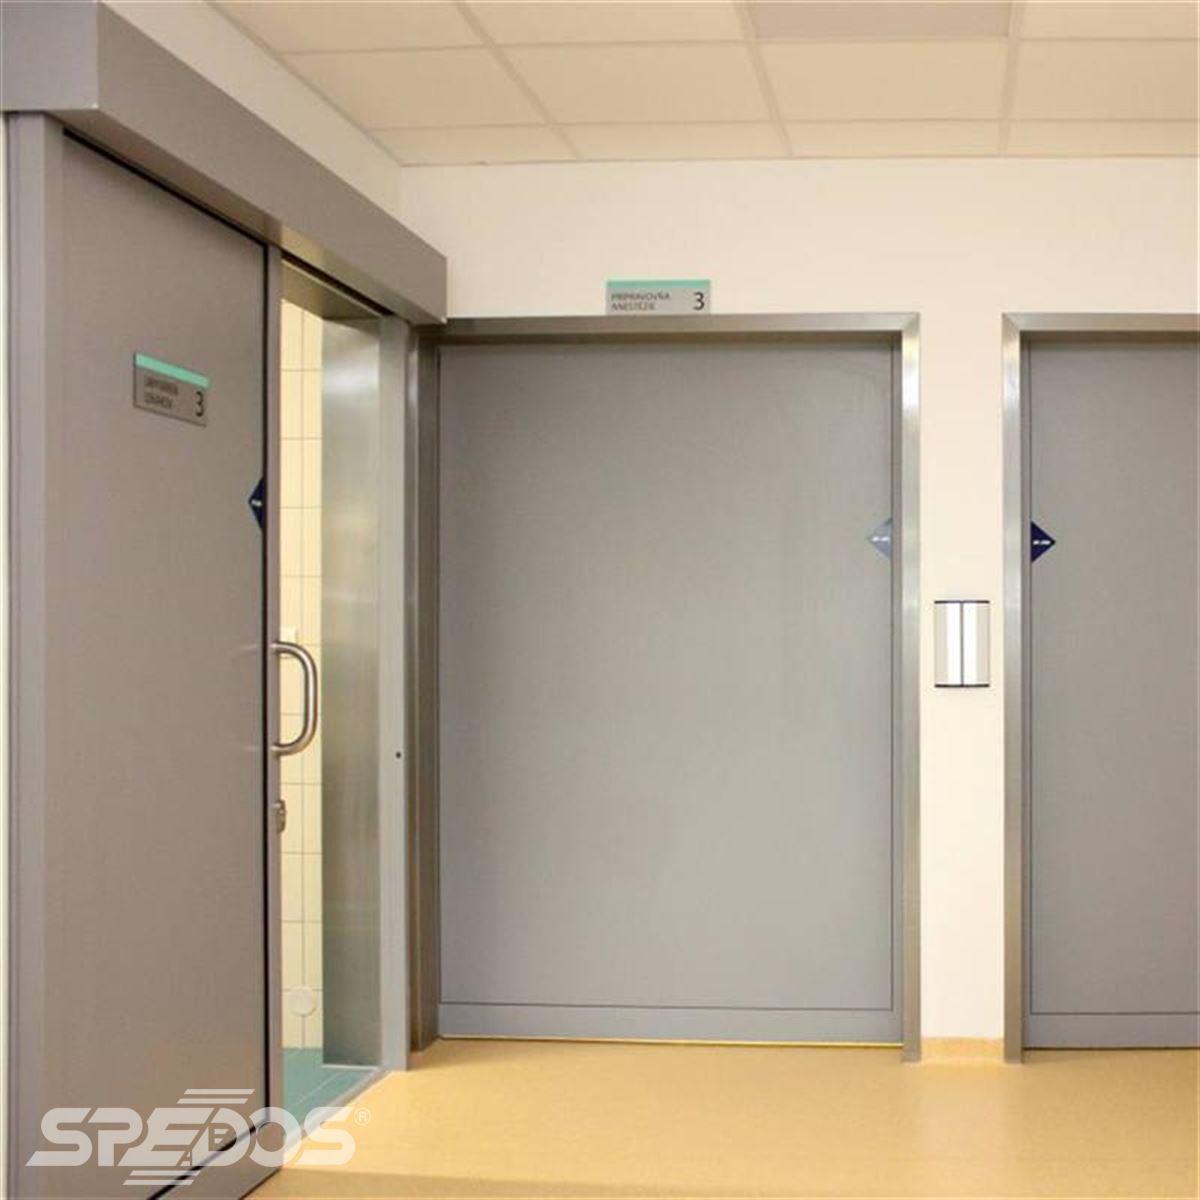 Jednokřídlé automatické posuvné dveře pro nemocnici sv. Michala 5